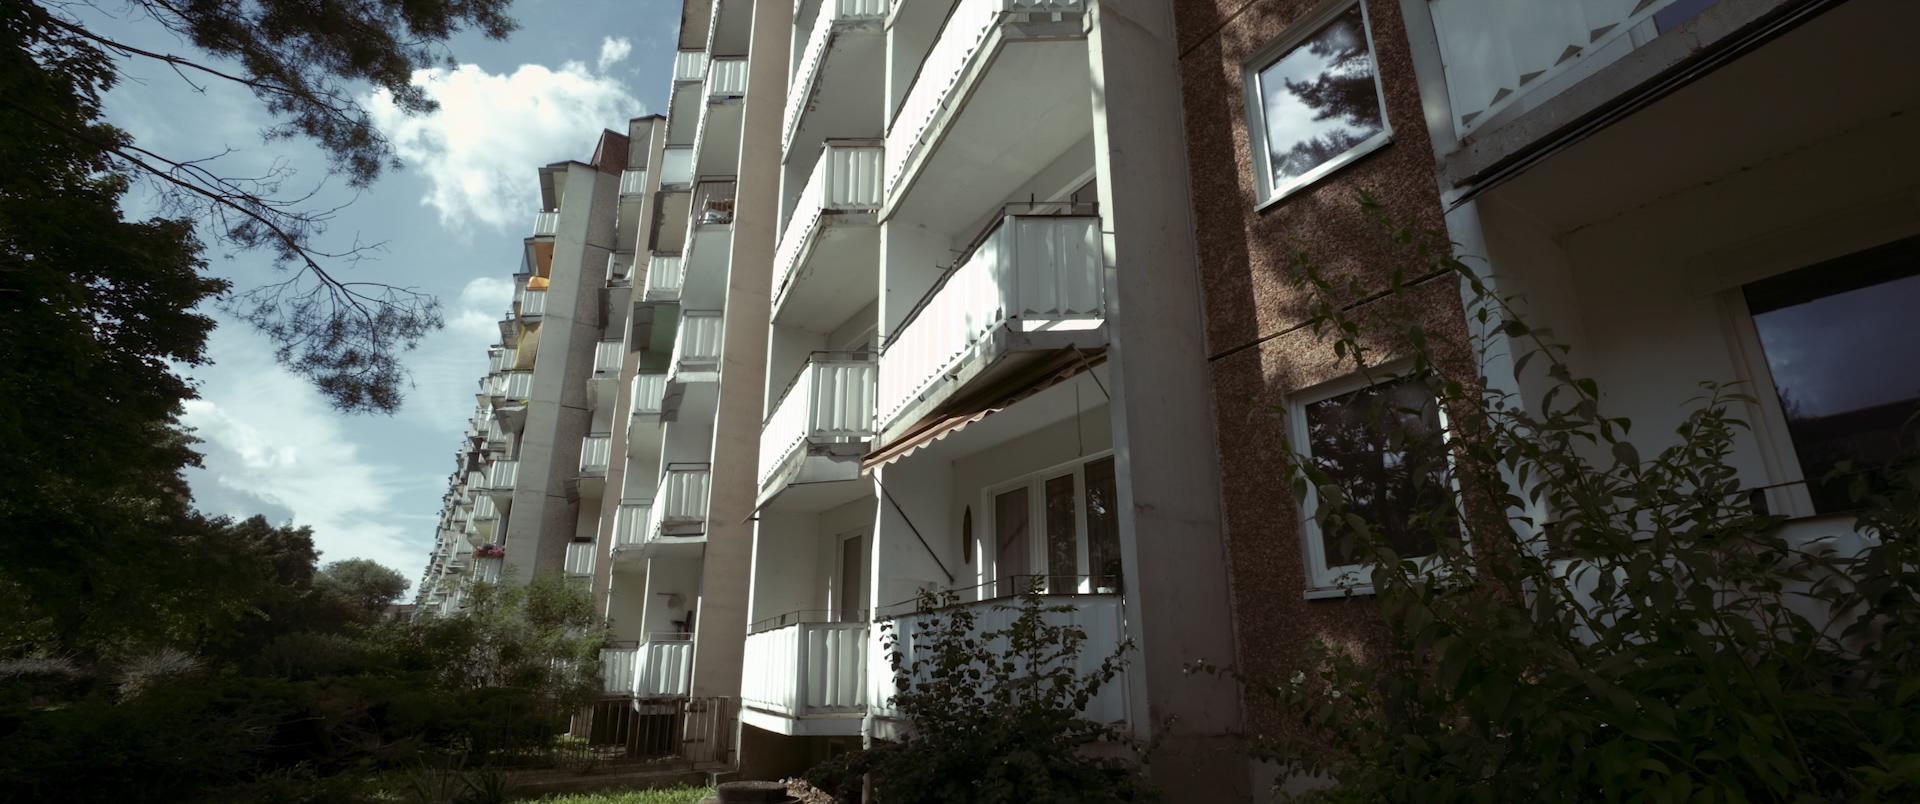 Geschichten der Weimarer Wohnstätte